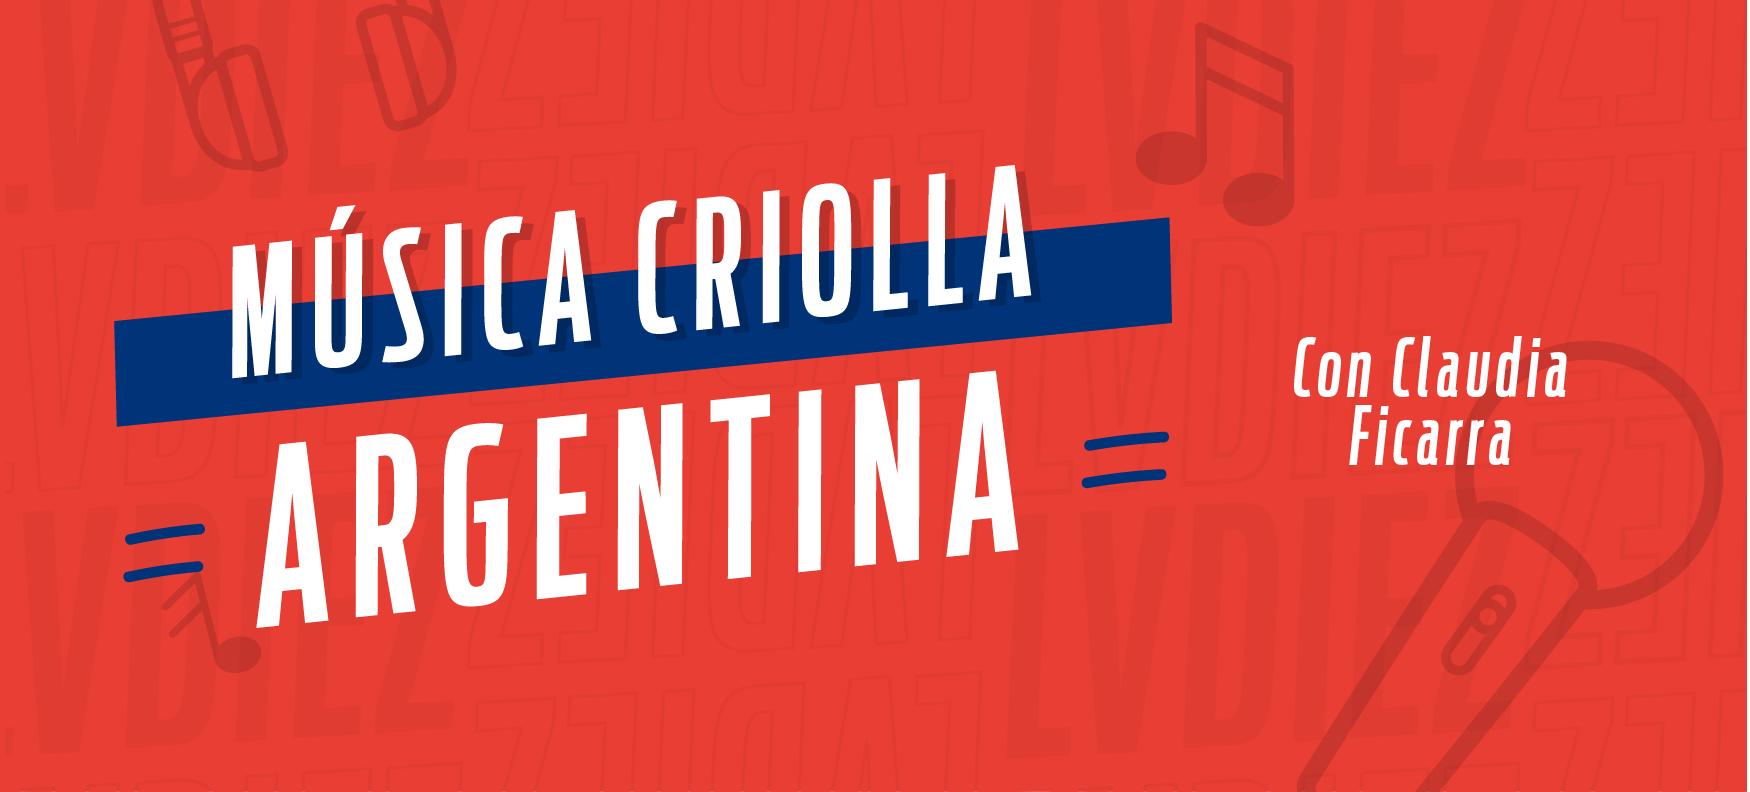 Música Criolla Argentina